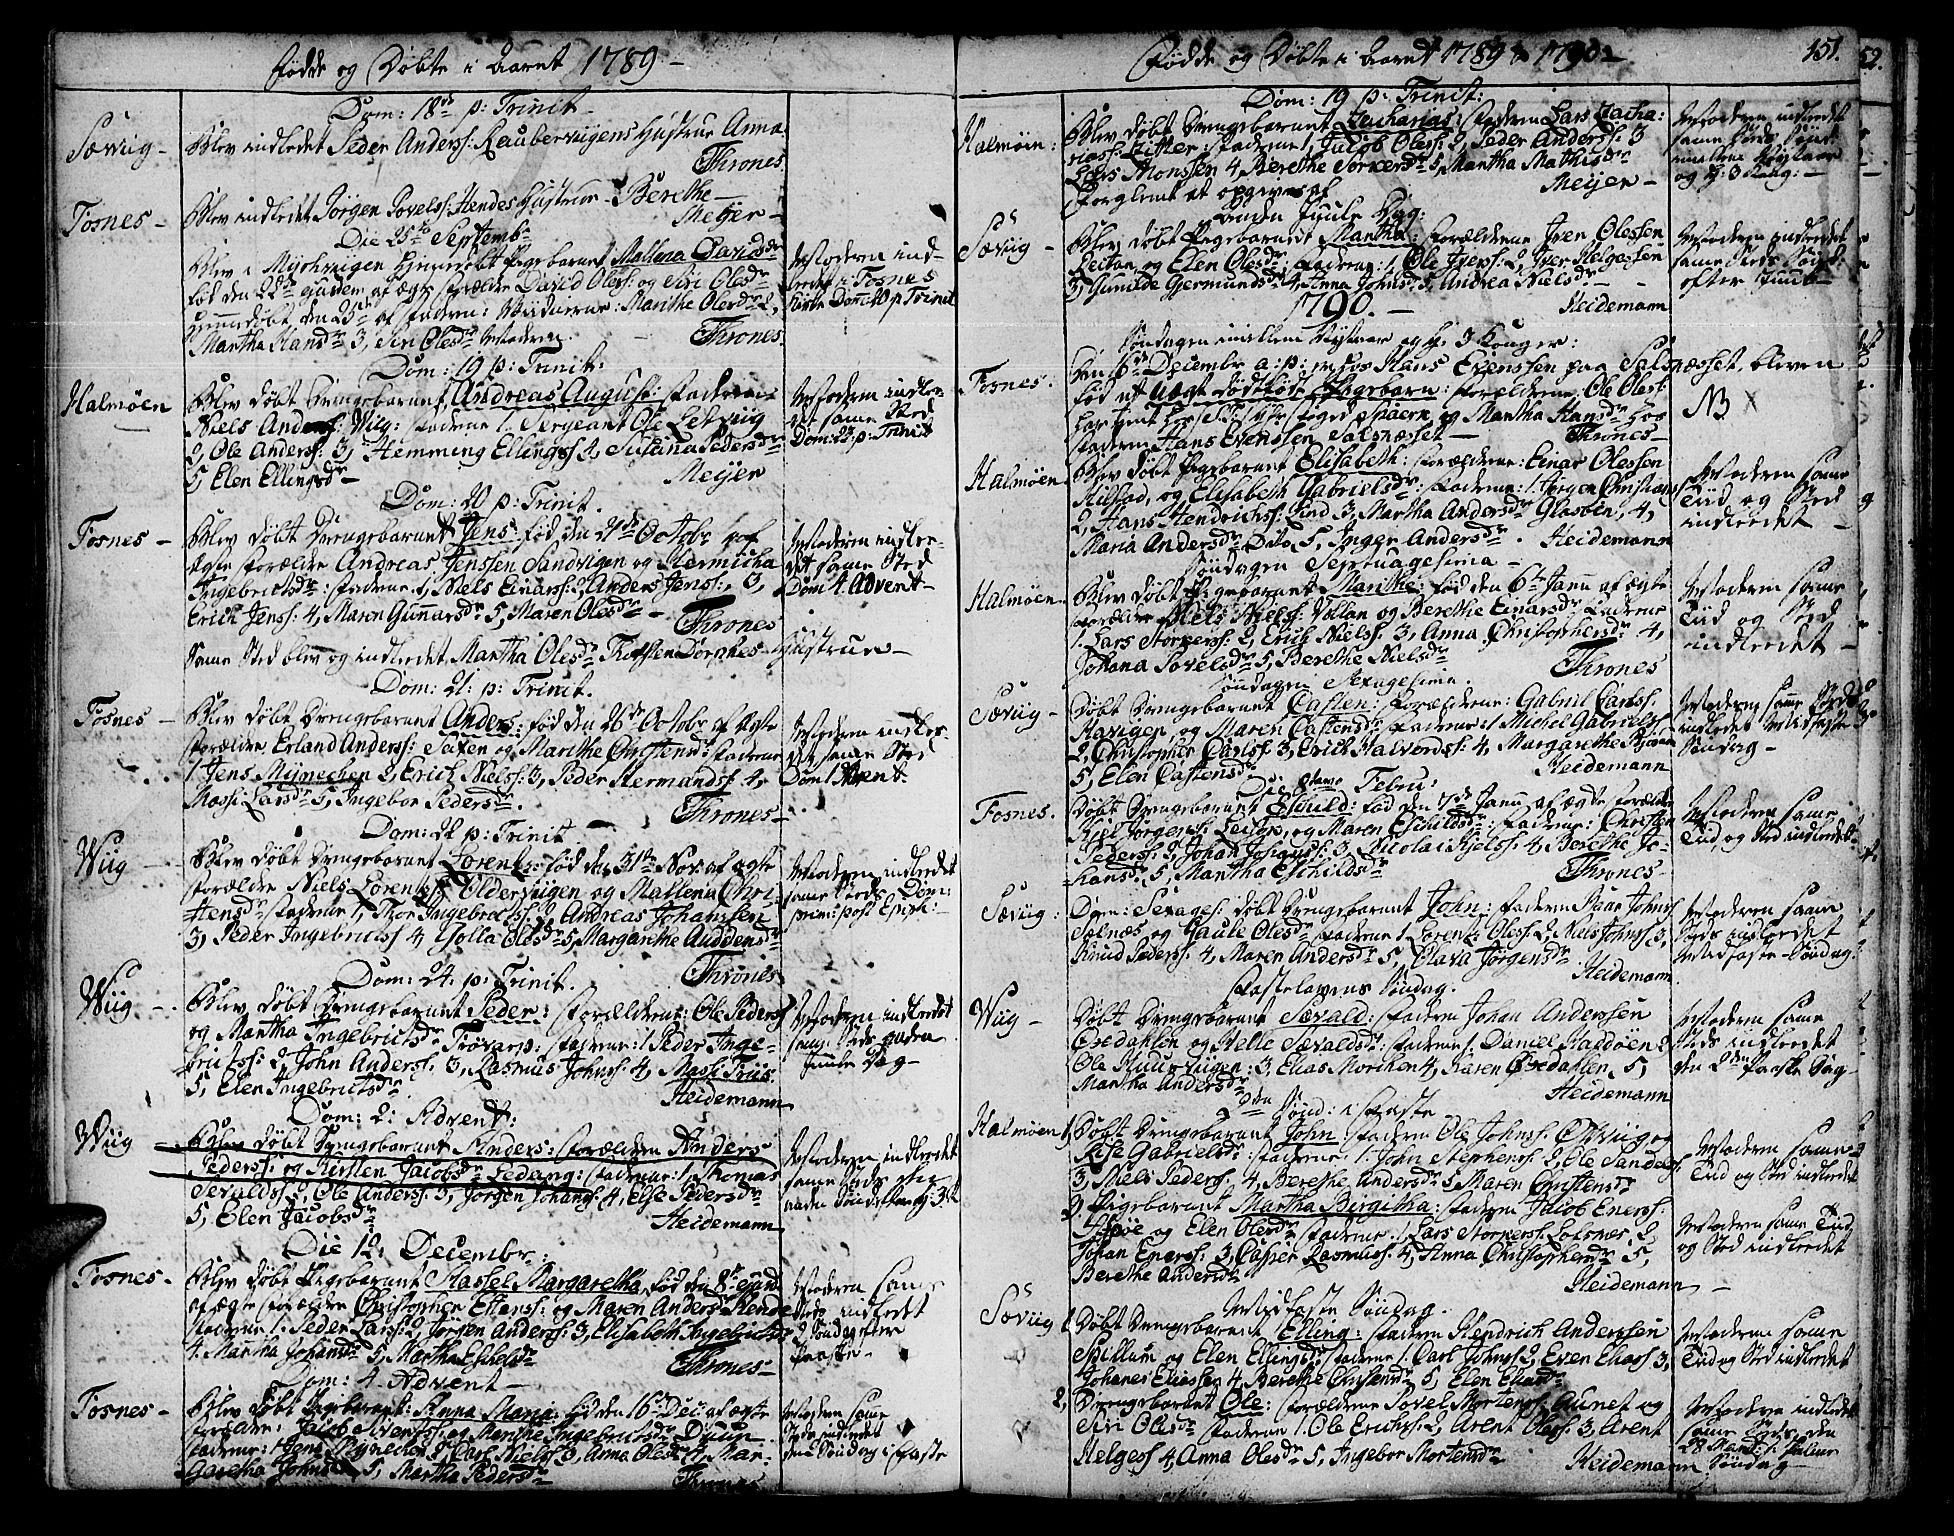 SAT, Ministerialprotokoller, klokkerbøker og fødselsregistre - Nord-Trøndelag, 773/L0608: Ministerialbok nr. 773A02, 1784-1816, s. 151